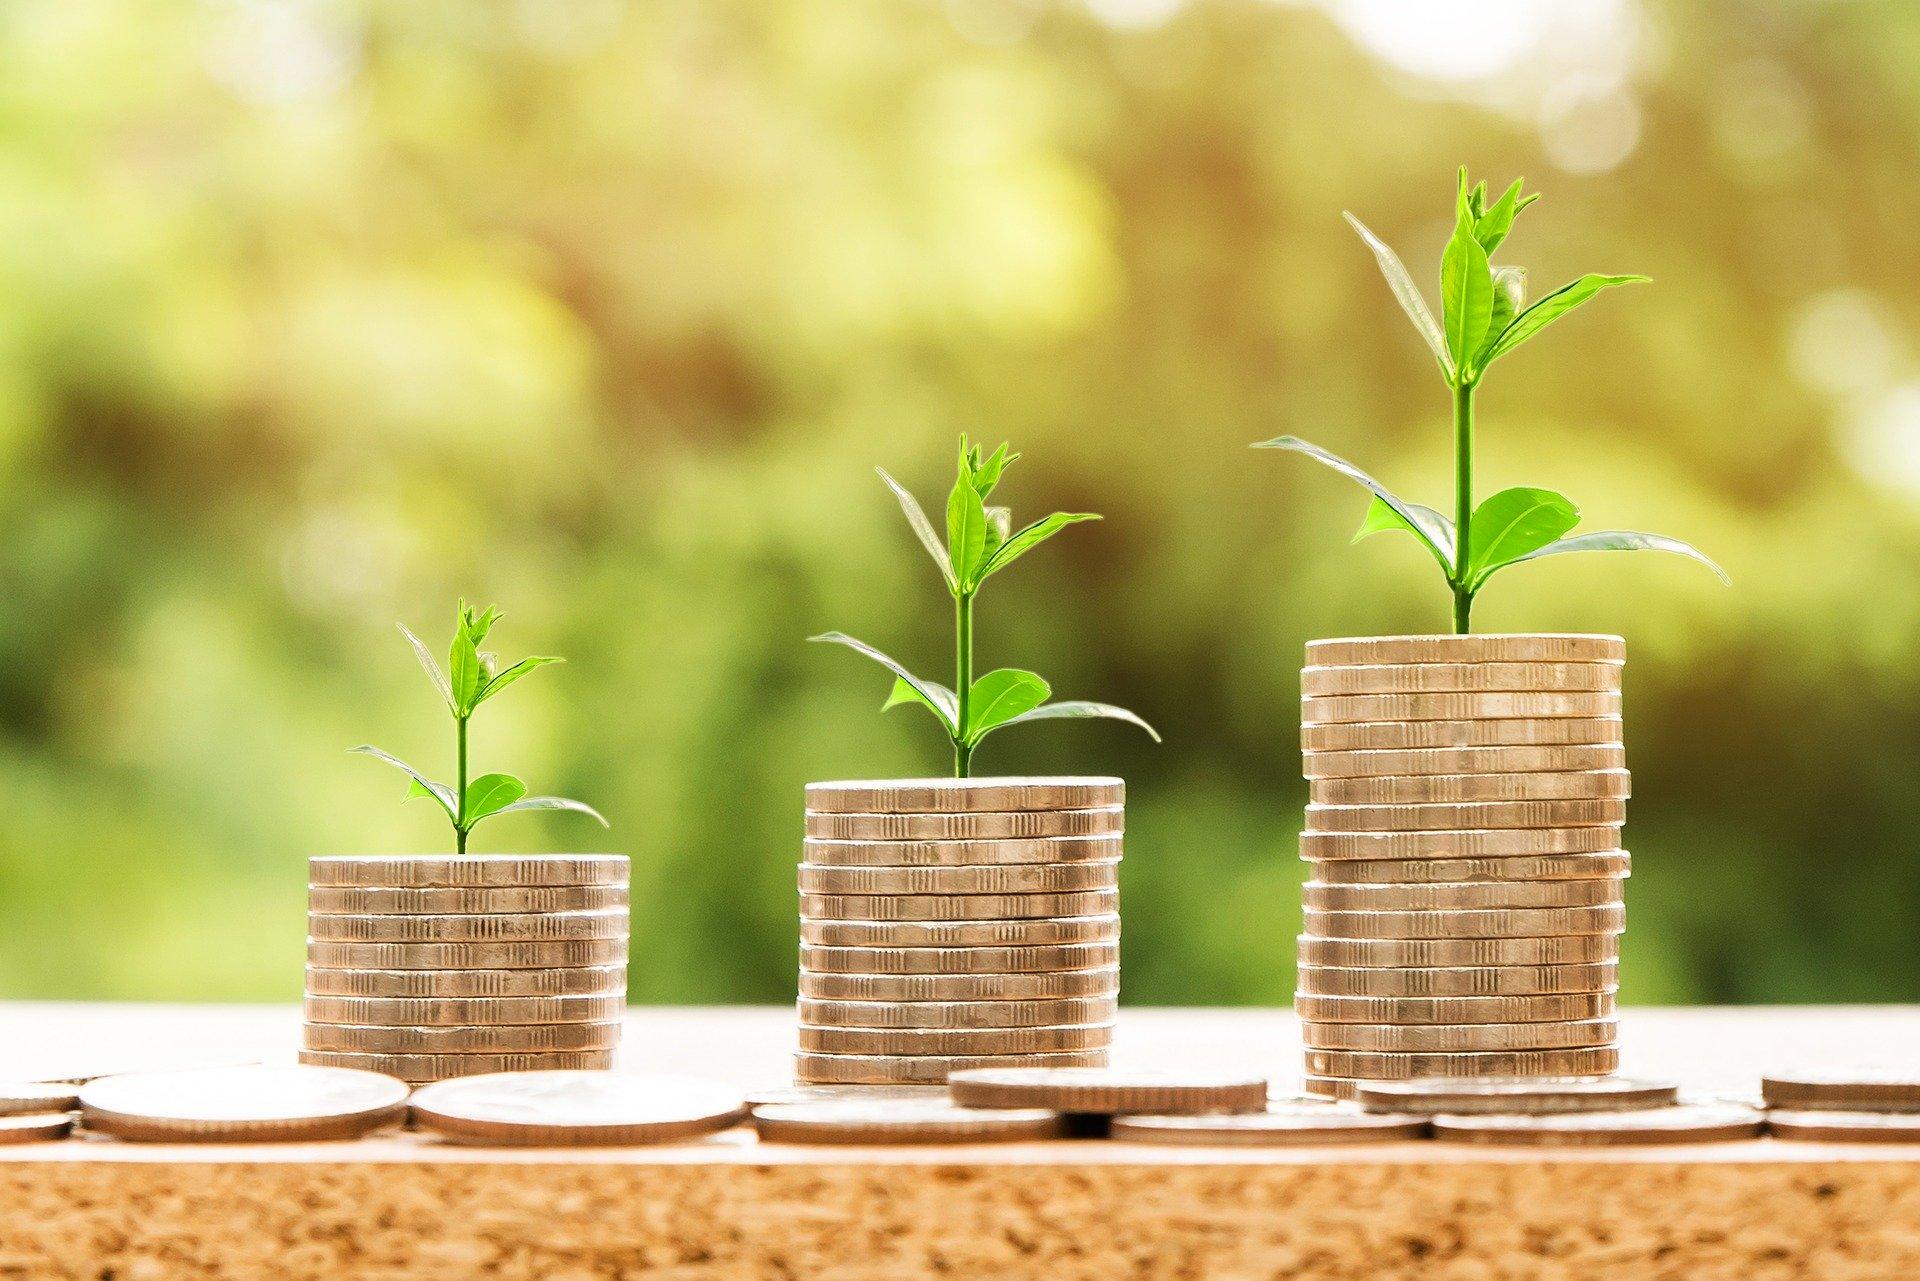 Gagner de l'argent gratuitement : Comment faire?